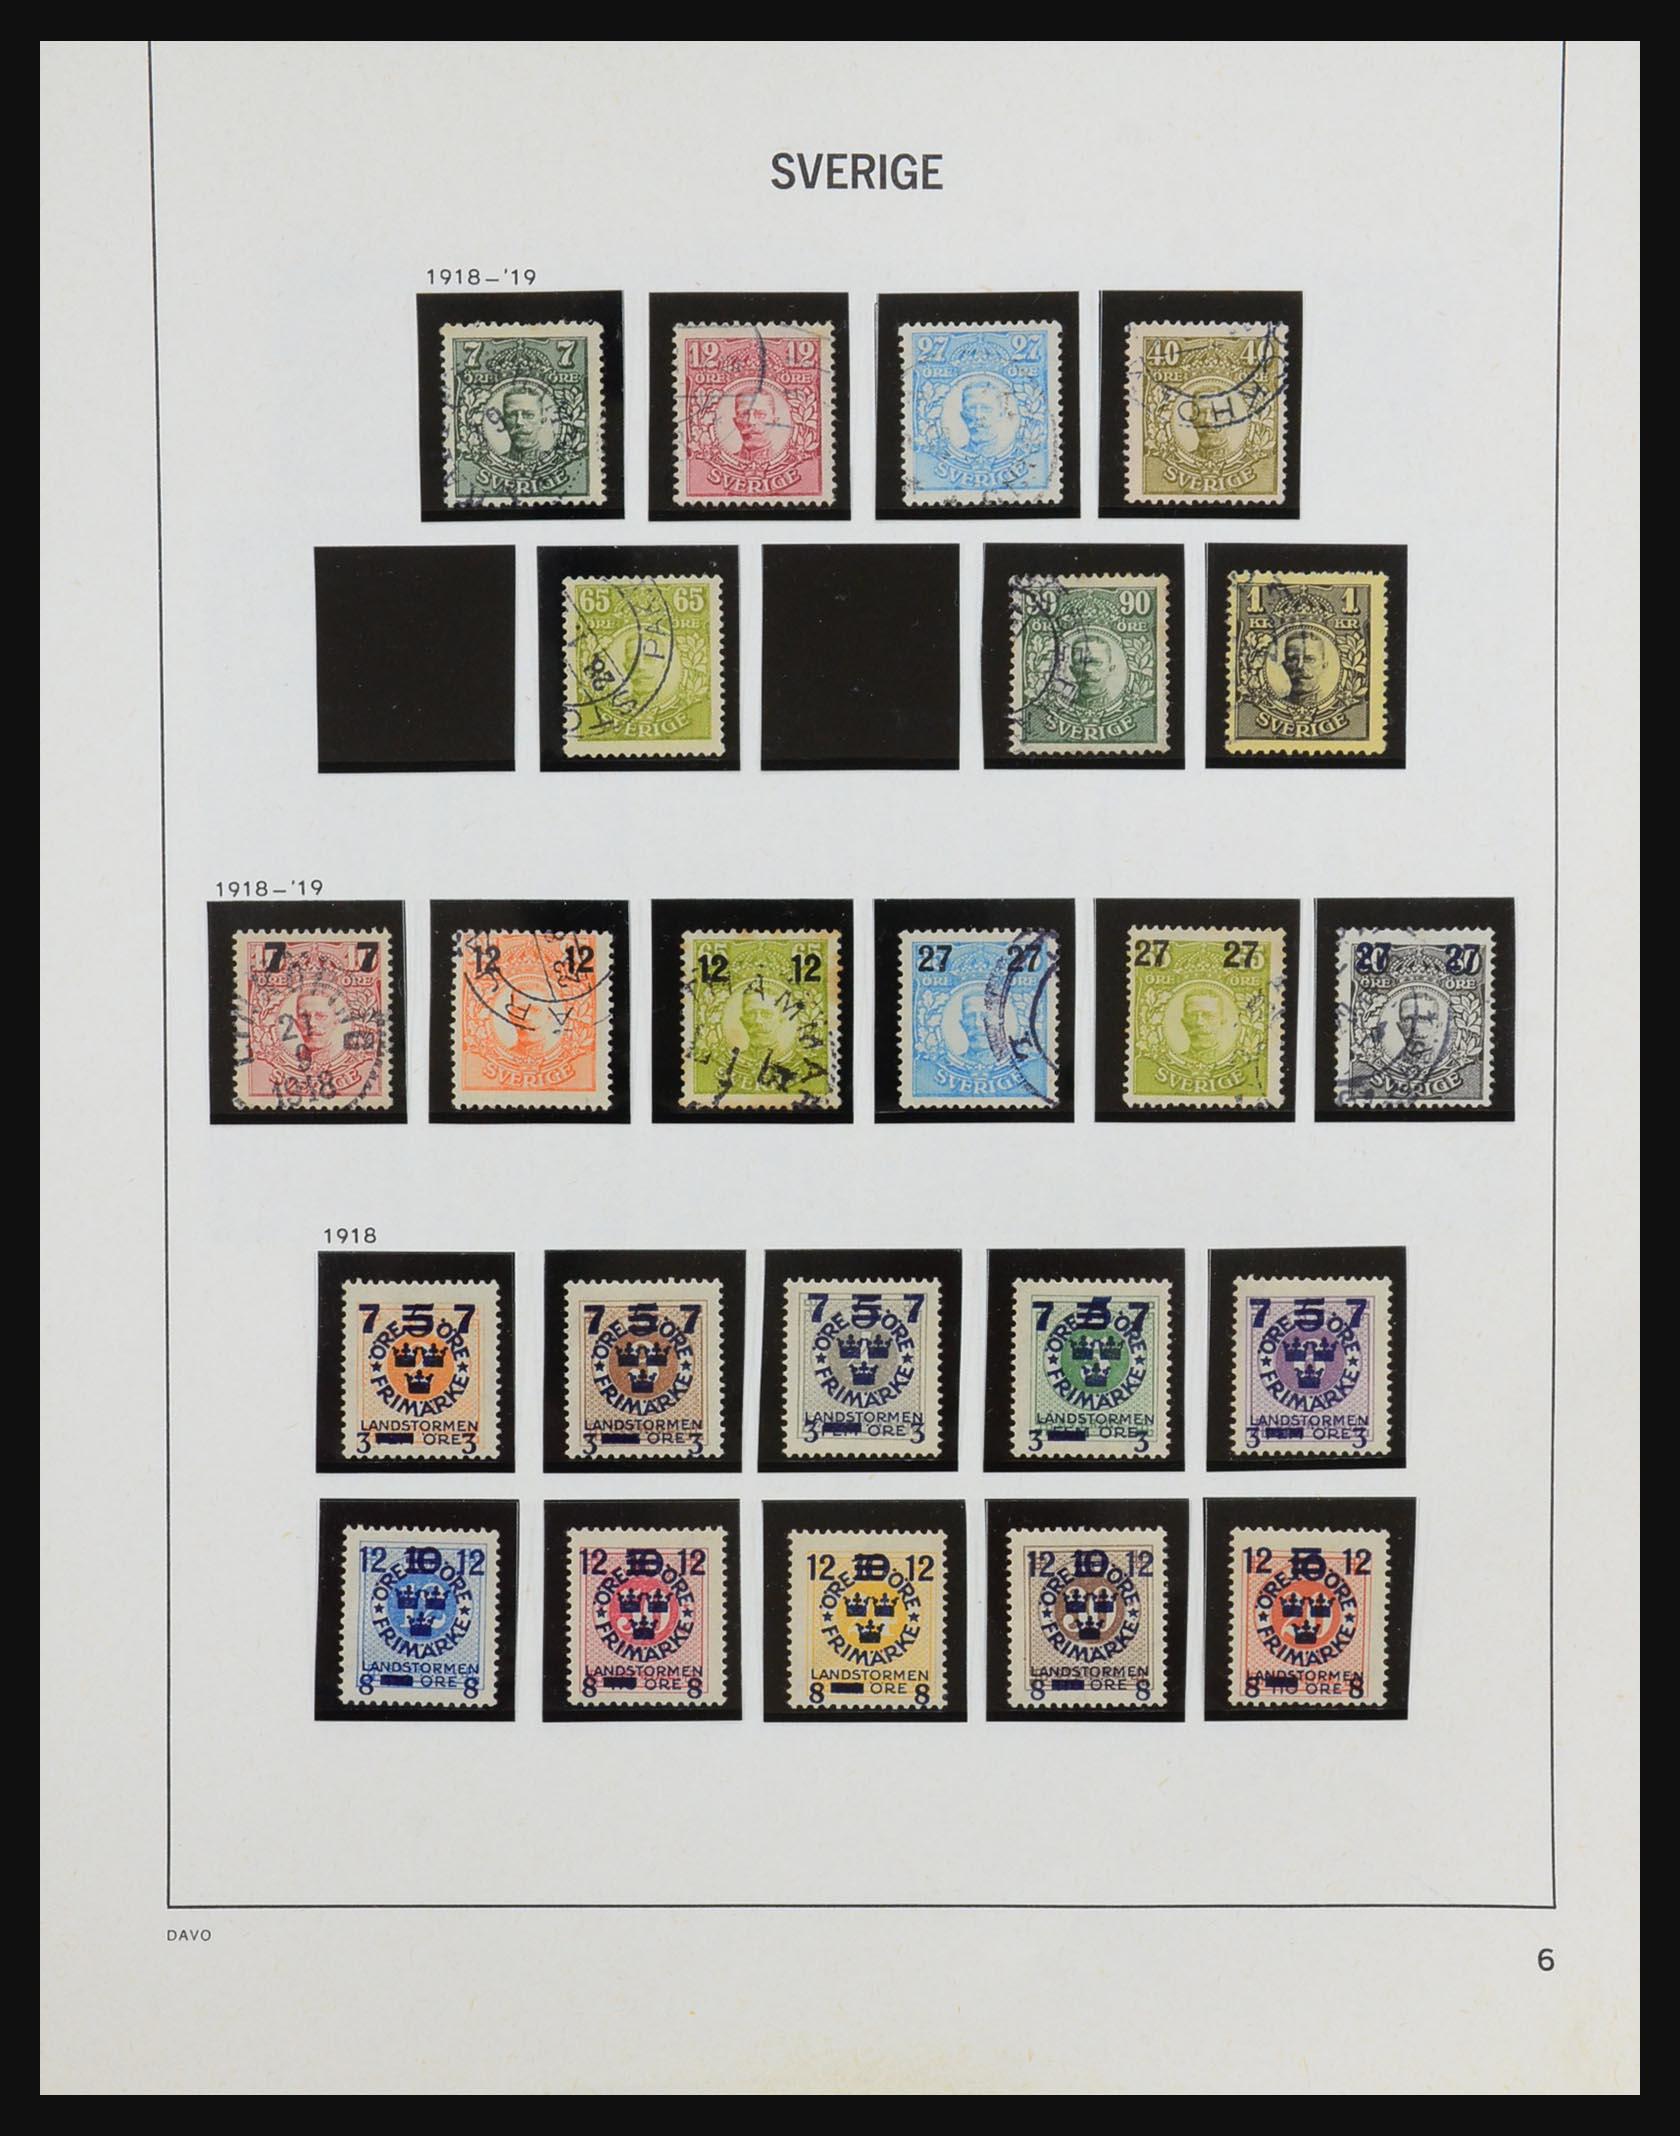 31453 006 - 31453 Sweden 1858-1974.